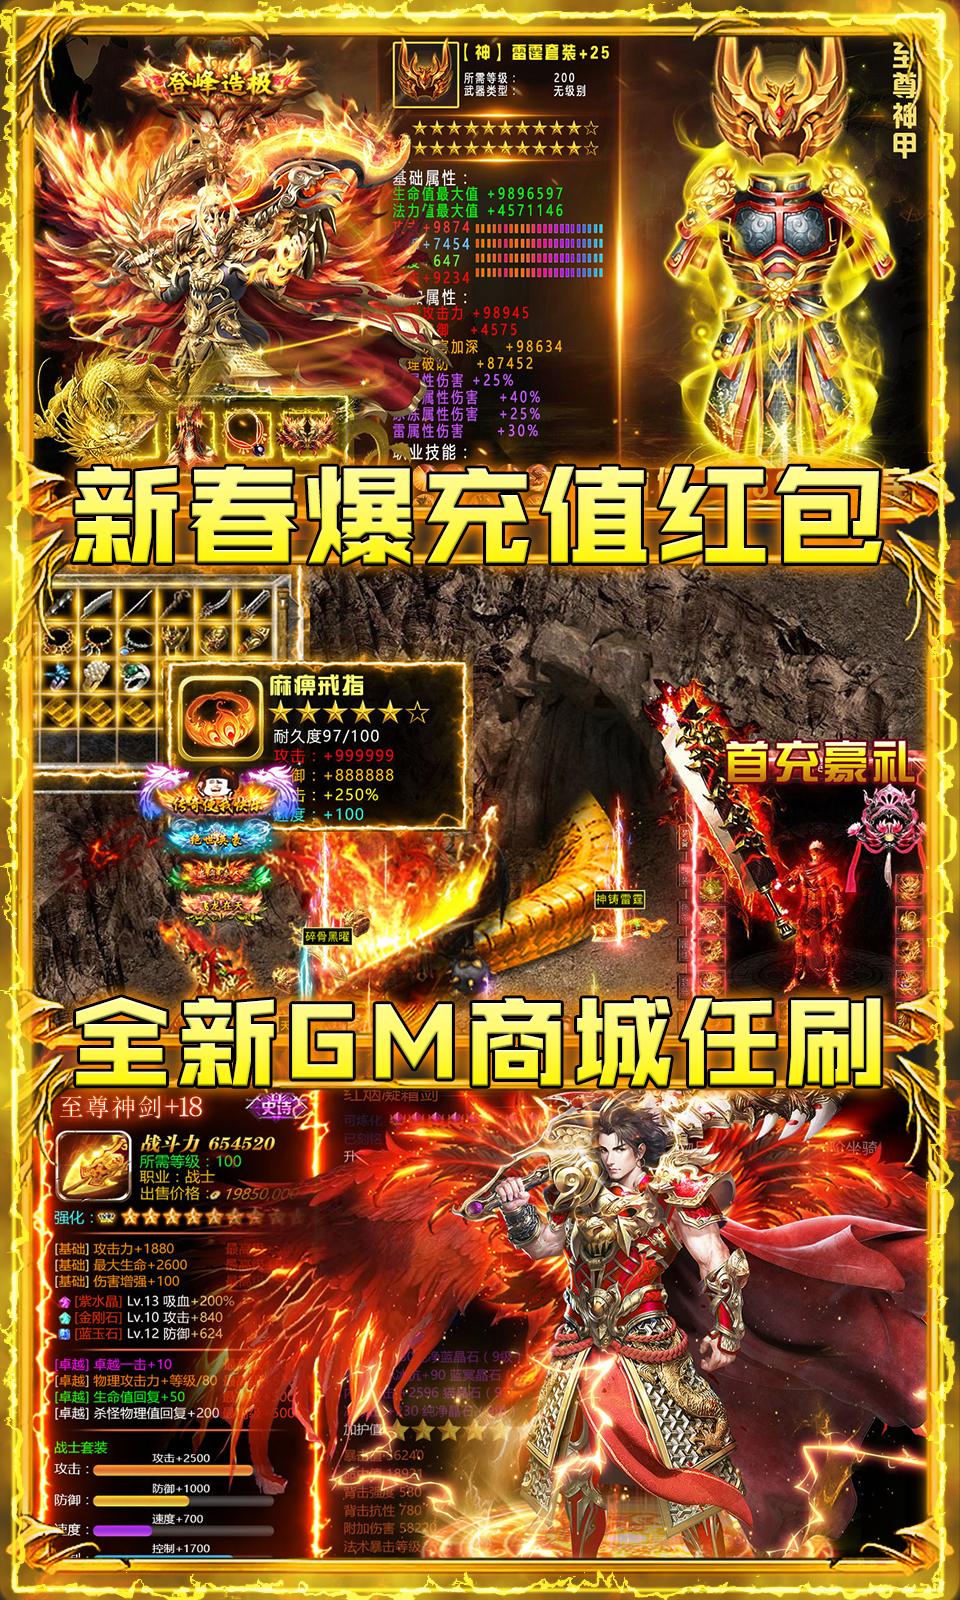 巨龙之戒(送GM爆充值)游戏截图3